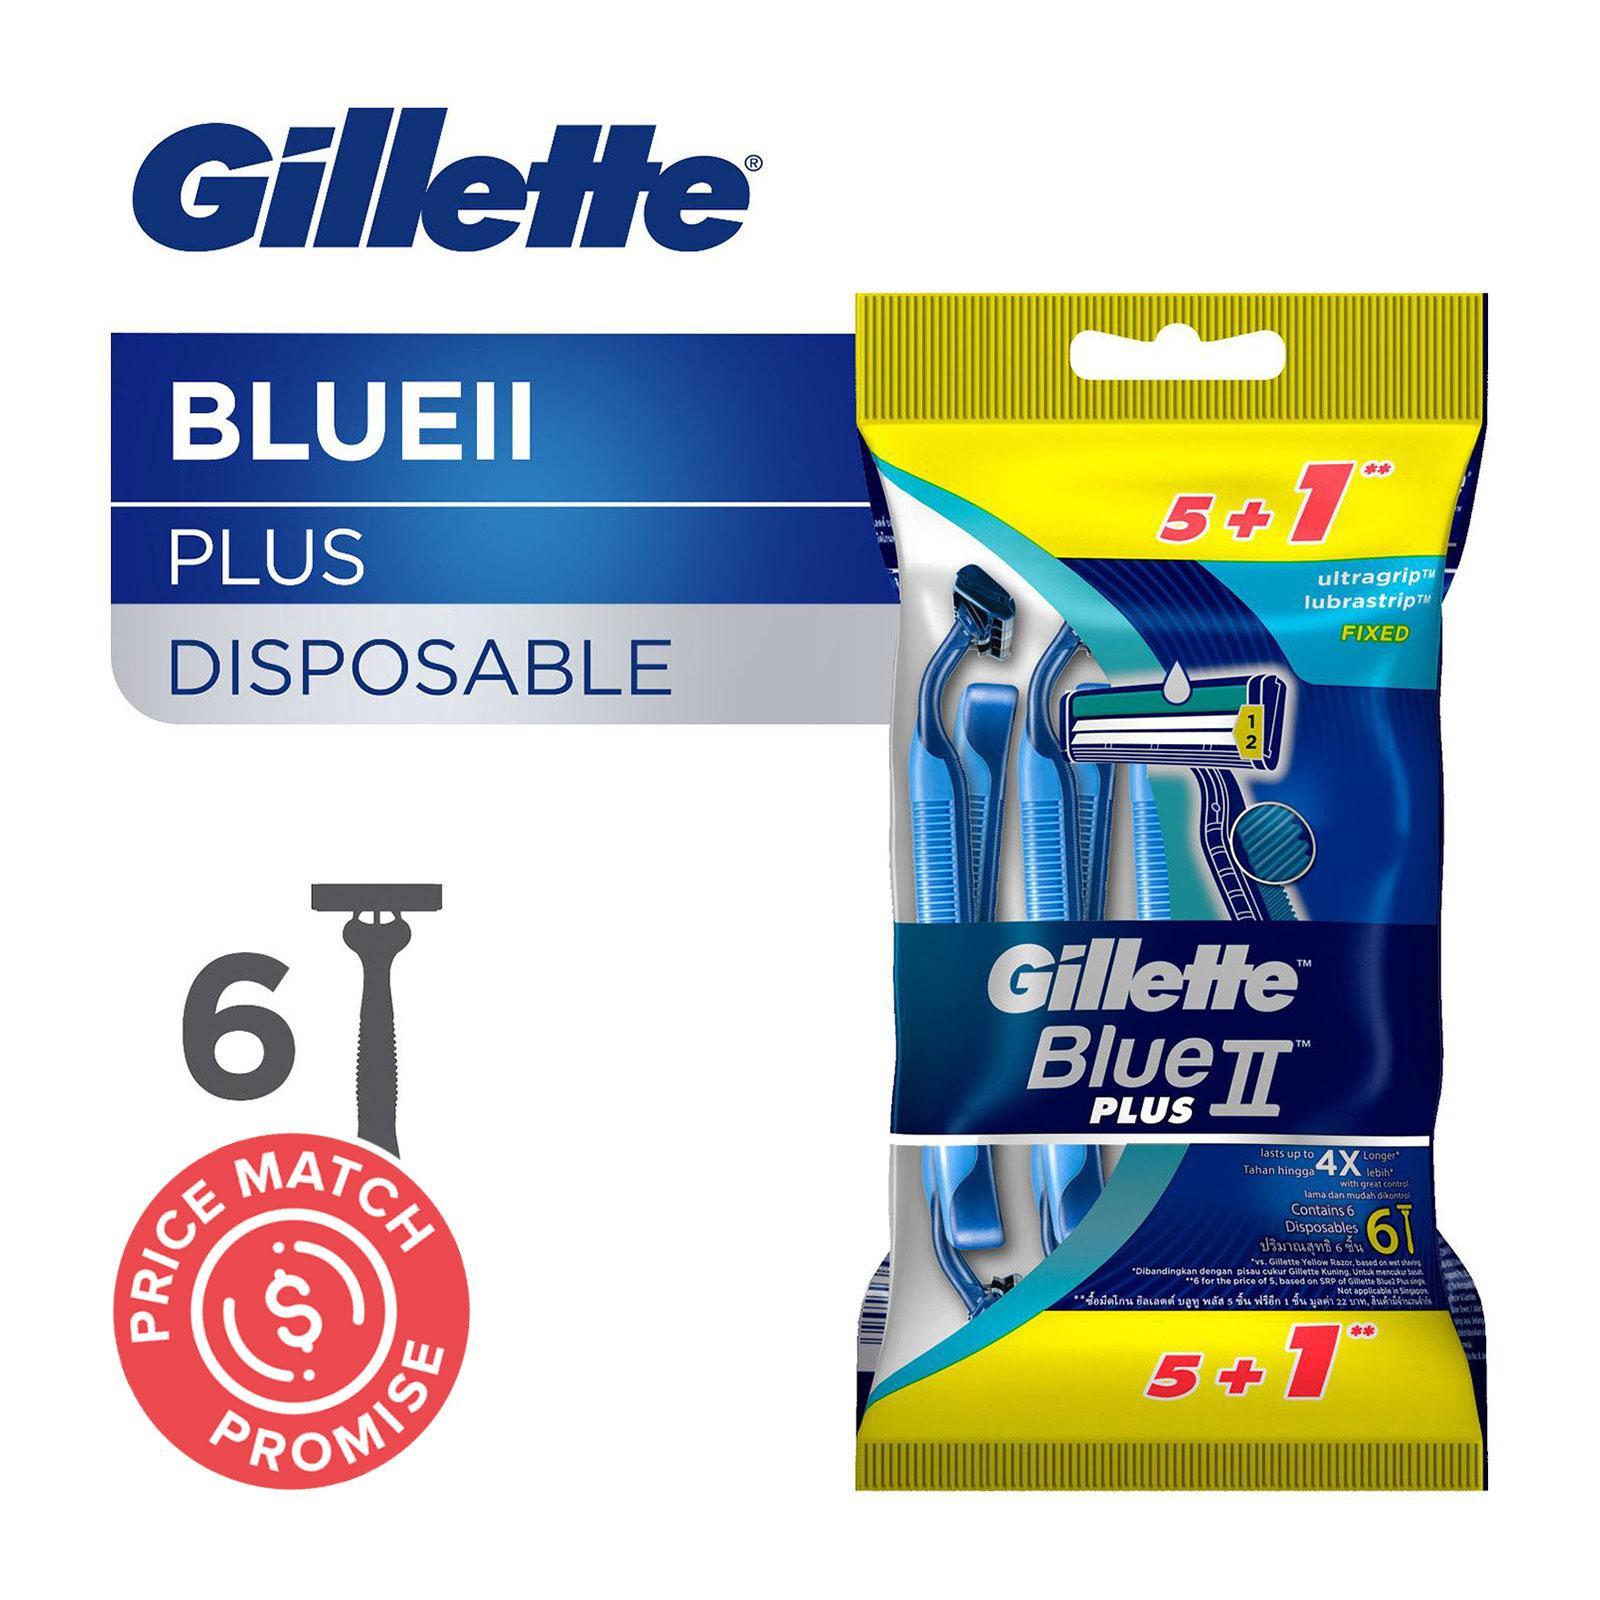 Gillette Blue II Plus Disposable Razors